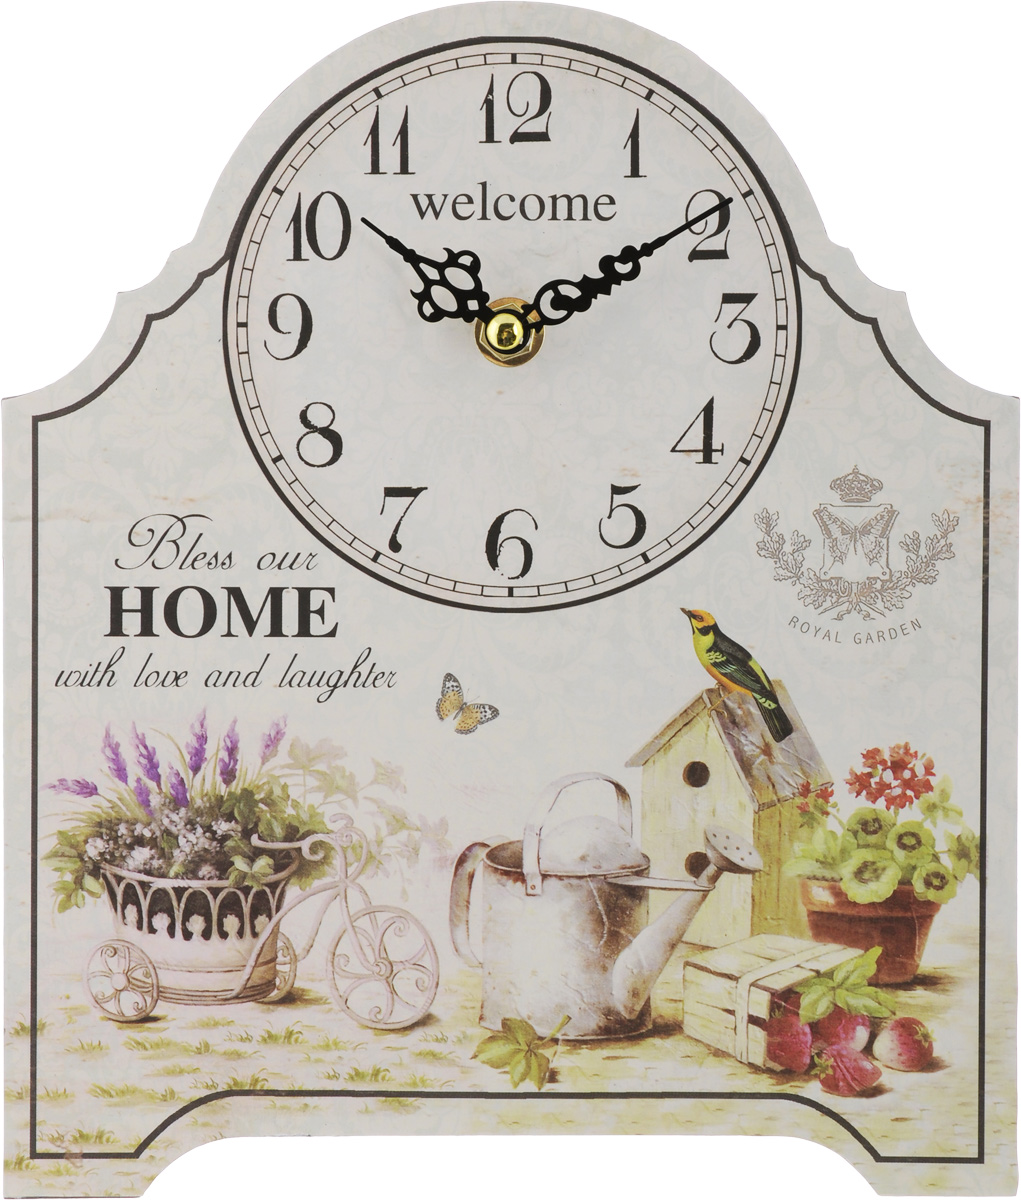 Часы настольные Феникс-Презент Королевский сад, 20 х 24 см40723Настольные часы Феникс-Презент Королевский сад своим эксклюзивным дизайном подчеркнут оригинальность интерьера вашего дома.Часы выполнены из МДФ. МДФ (мелкодисперсные фракции) представляет собой плиту из запрессованной вакуумным способом деревянной пыли и является наиболее экологически чистым материалом среди себе подобных. Часы имеют две стрелки - часовую и минутную.Настольные часы Феникс-Презент Королевский сад подходят для кухни, гостиной, прихожей или дачи, а также могут стать отличным подарком для друзей и близких.ВНИМАНИЕ!!! Часы работают от сменной батареи типа АА 1,5V (в комплект не входит).